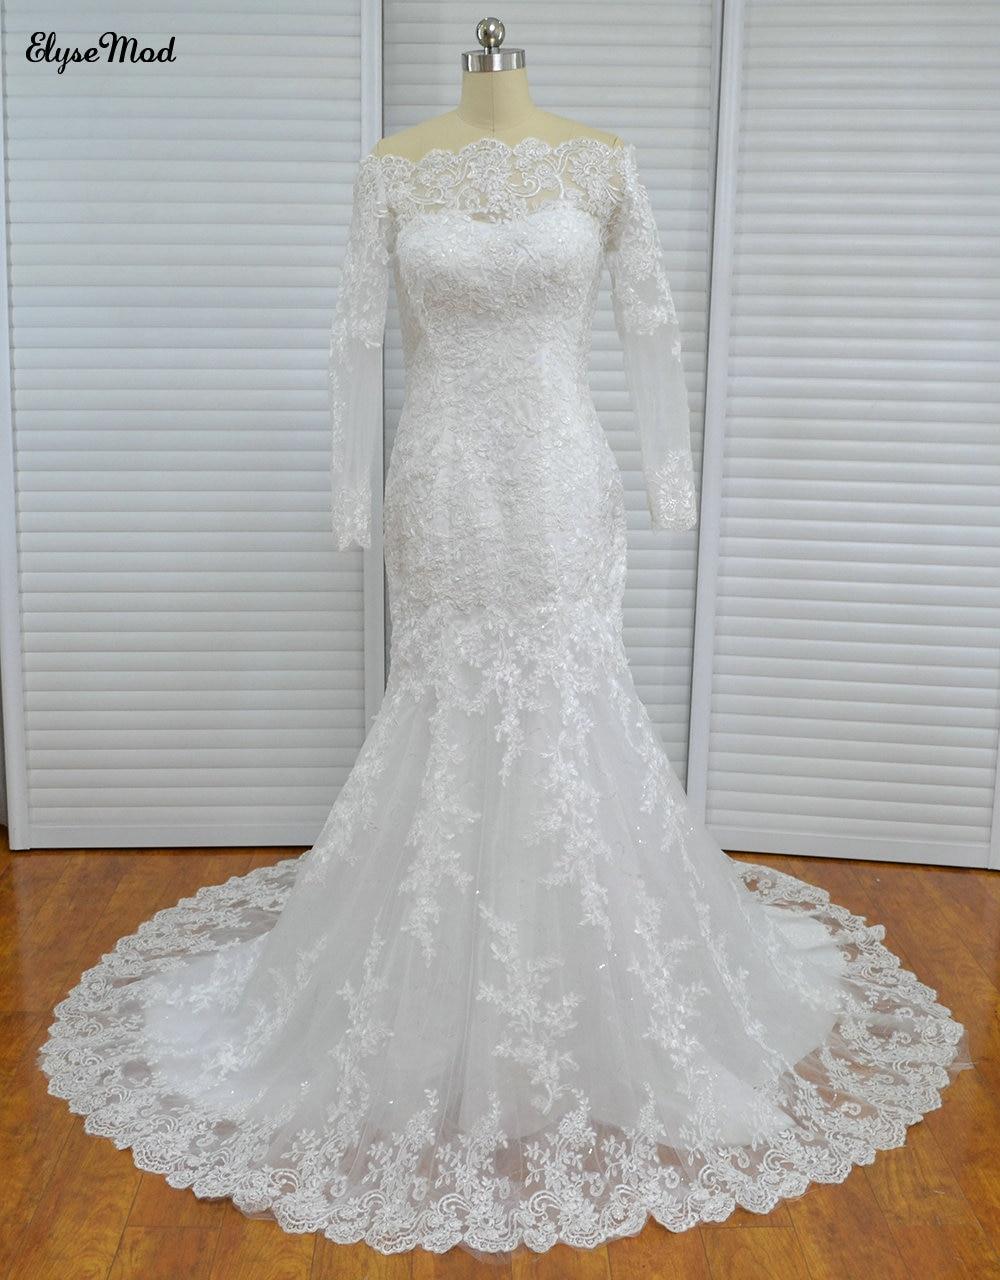 Реальное фото, платье Русалочки с плеча, лодочка, тюль, с аппликацией, с коротким шлейфом, на молнии, свадебное платье, платья для невесты